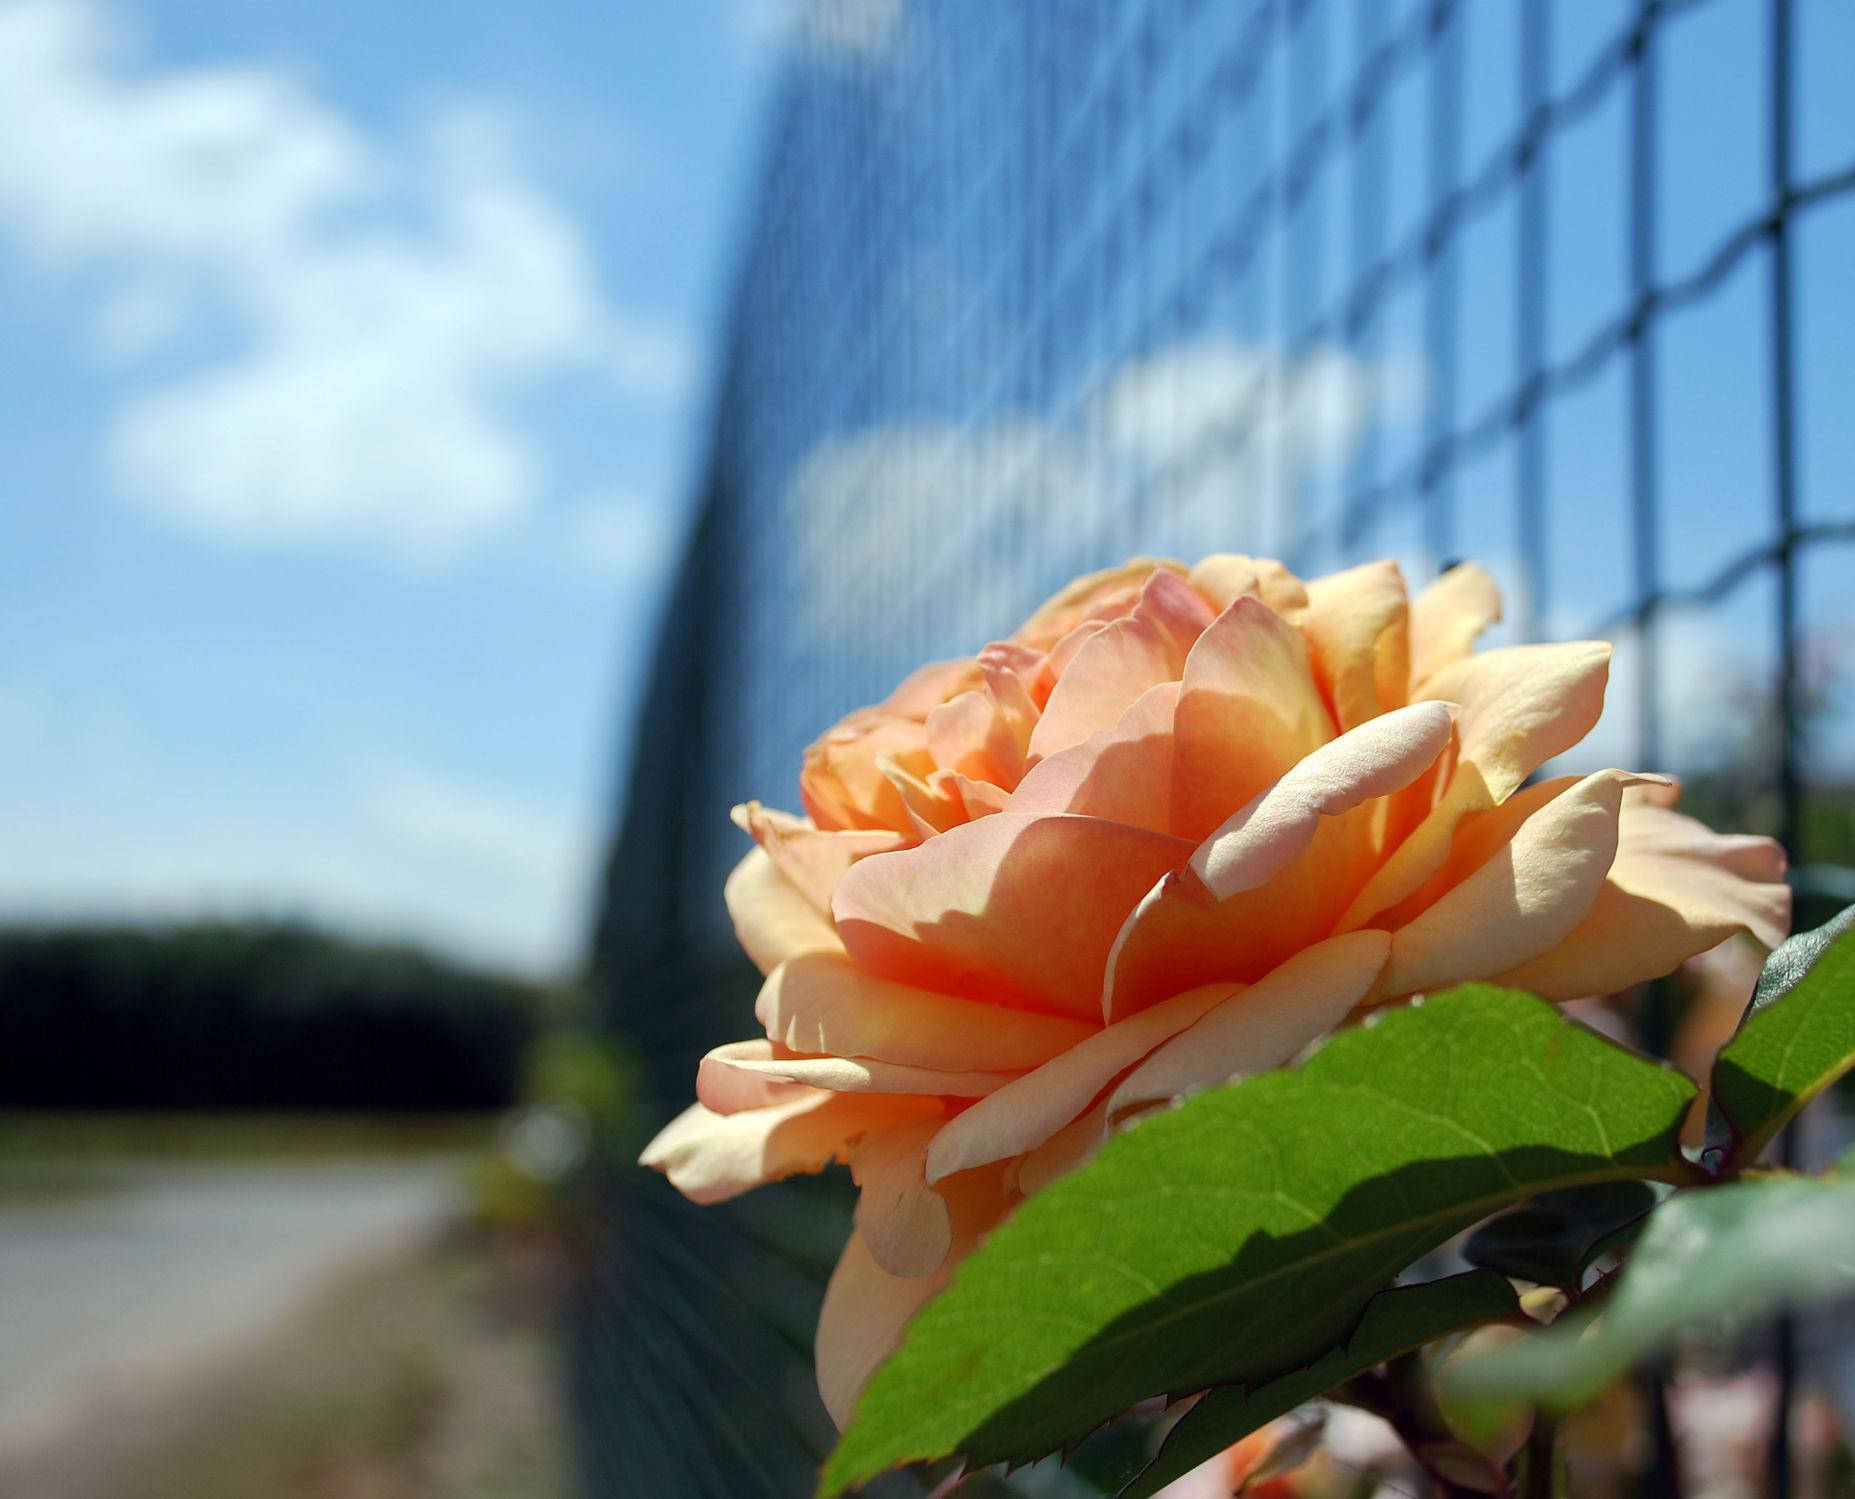 Bild mit Pflanzen, Blumen, Rosen, Blume, Pflanze, Rose